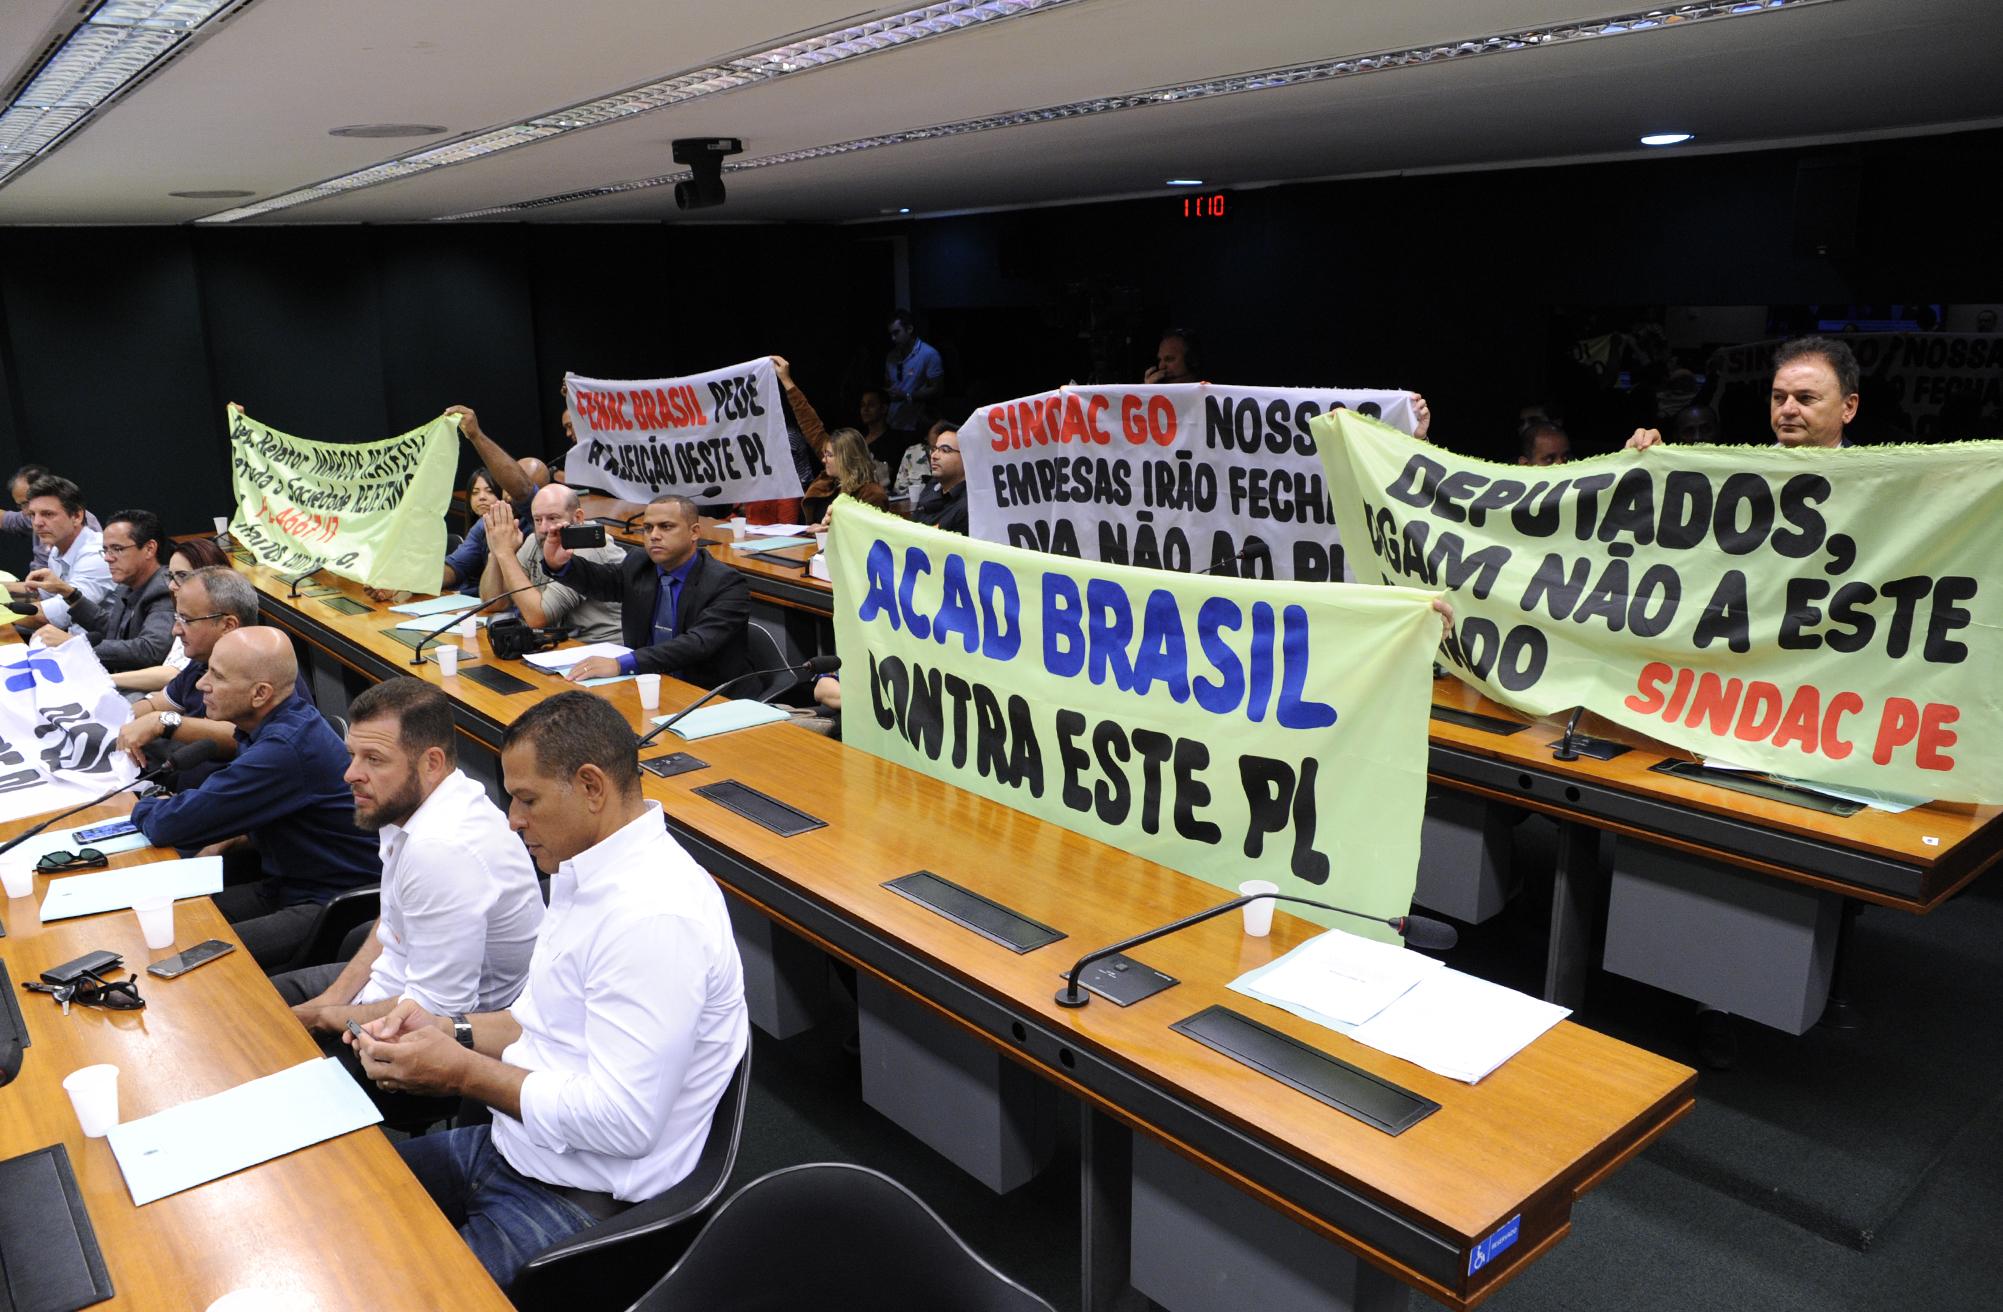 Audiência pública sobre para discutir o PL 4667/16 e a importância da atividade física e da Educação Física para a qualidade de vida da população brasileira